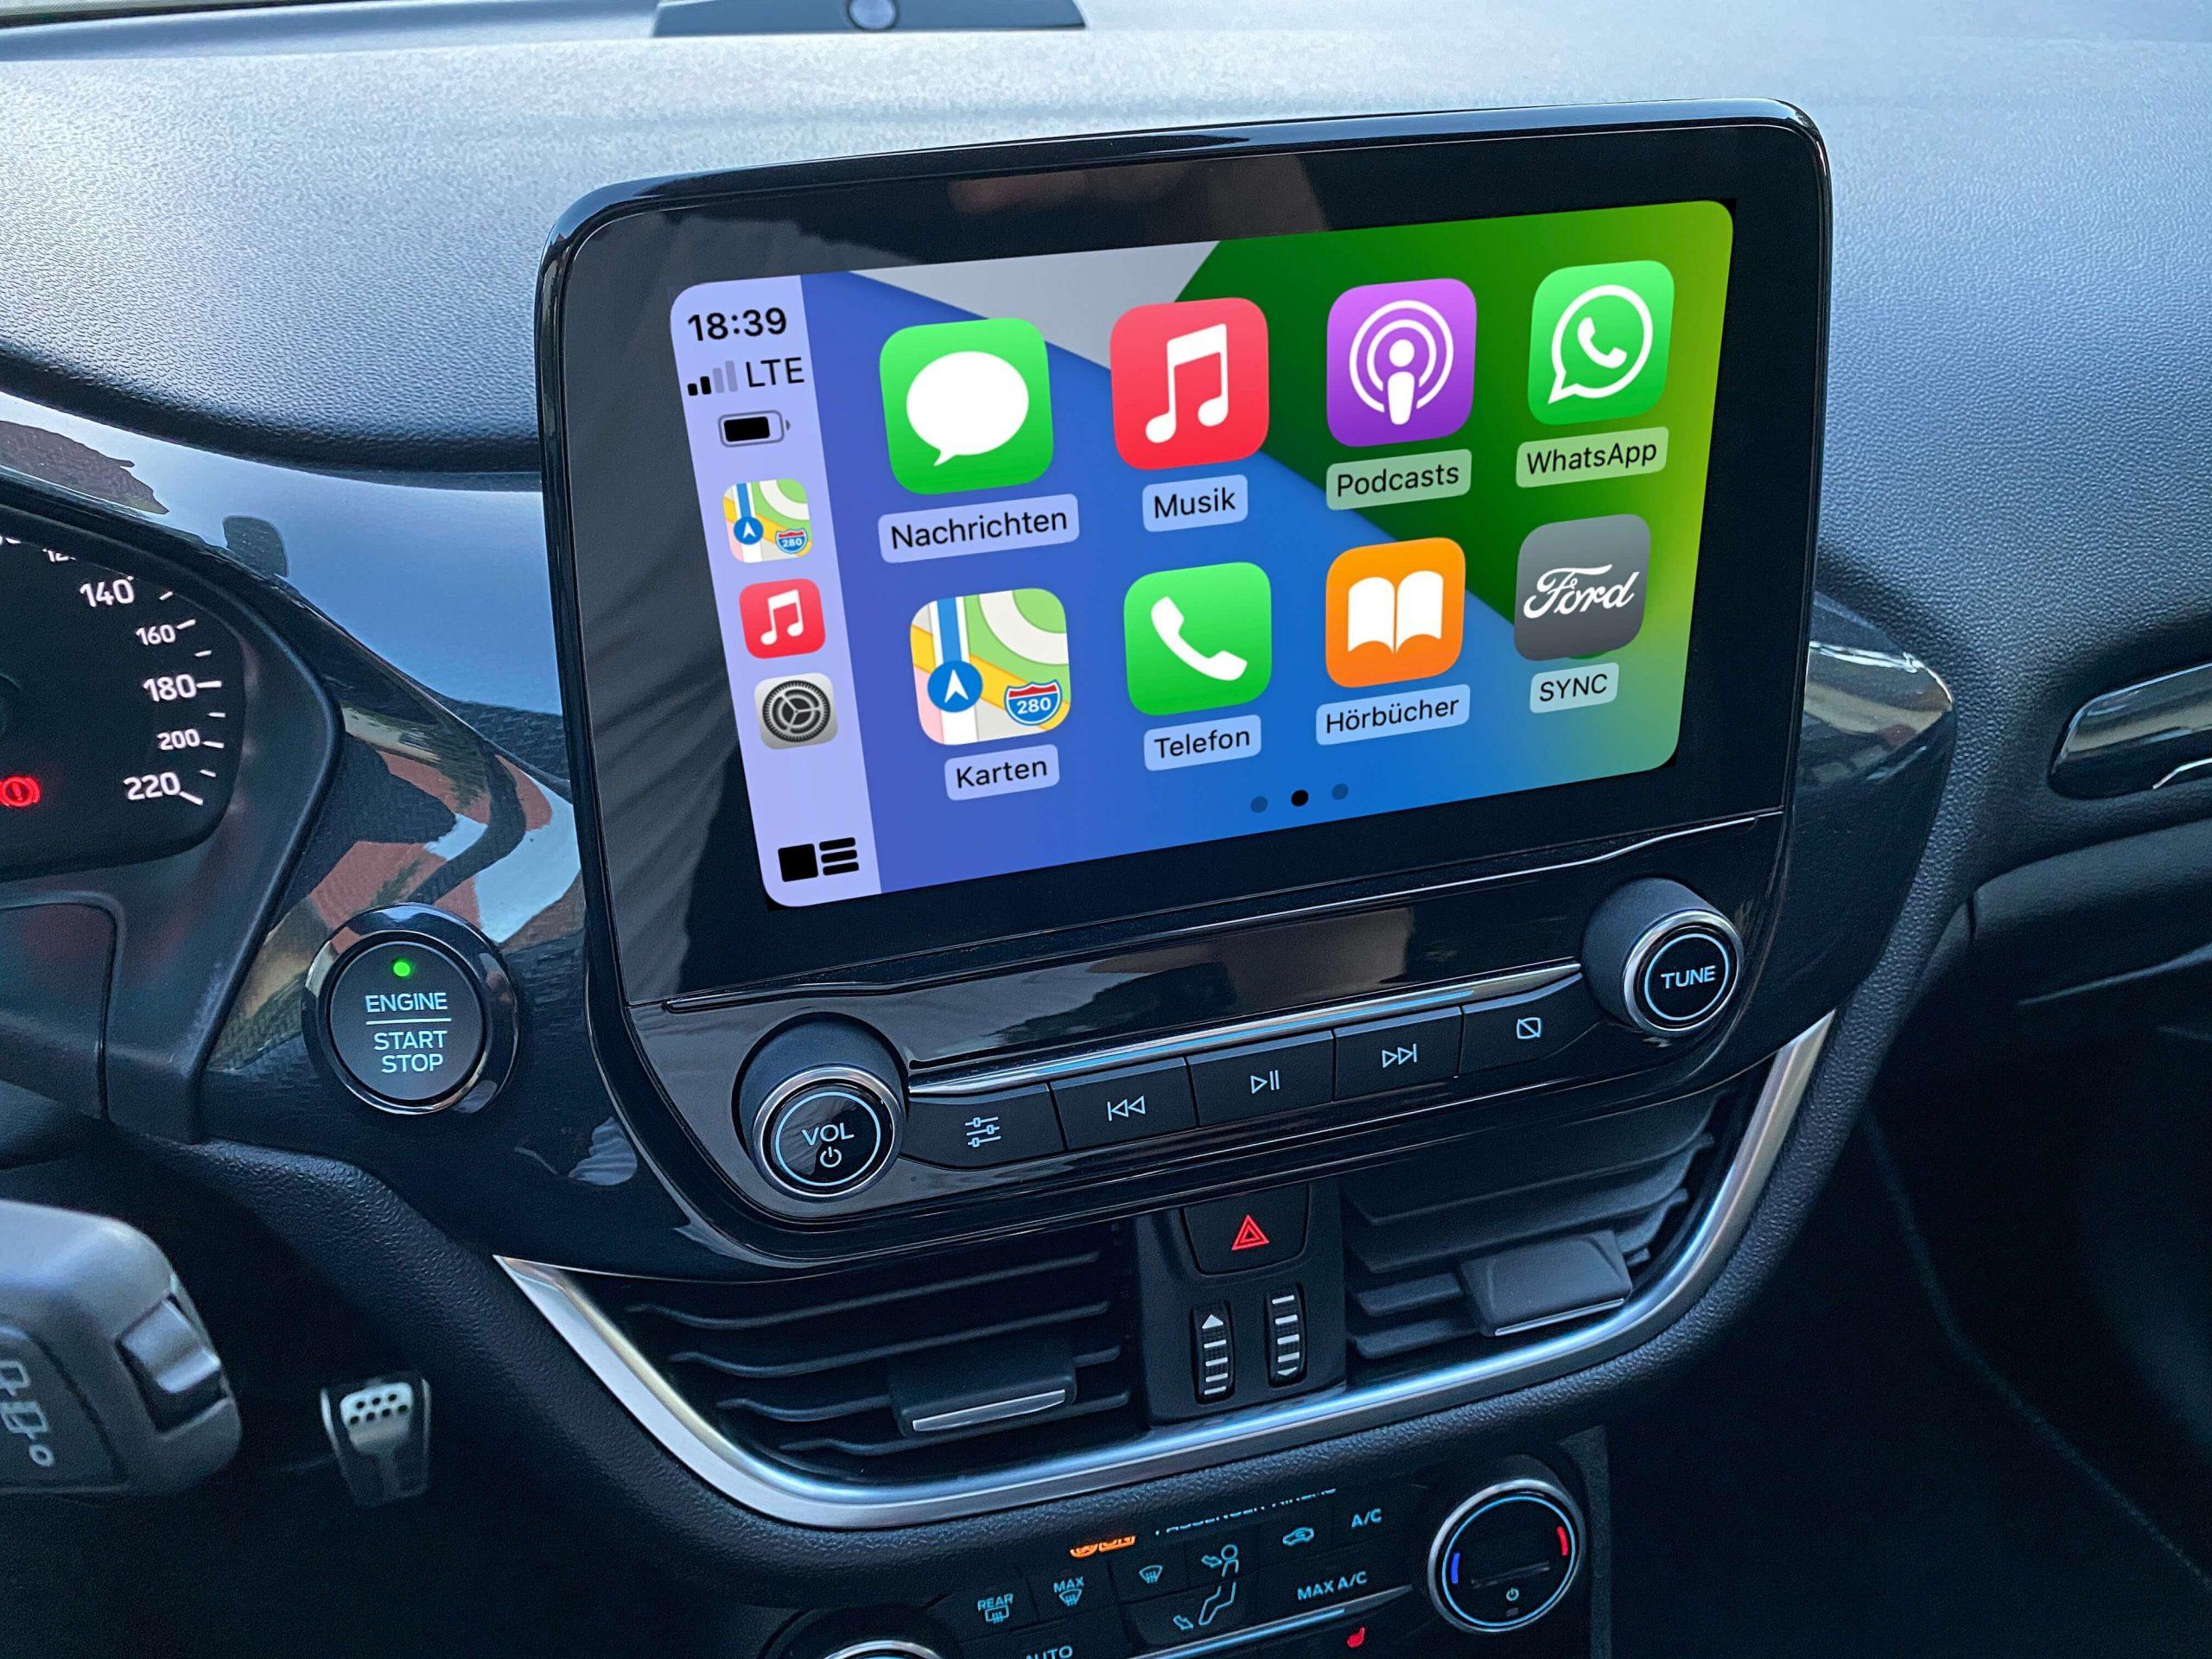 Wireless-CarPlay-Adapter-von-Carlinkit-vorhandenes-Apple-CarPlay-kabellos-machen10-scaled Wireless CarPlay Adapter von Carlinkit  - vorhandenes Apple CarPlay kabellos machen